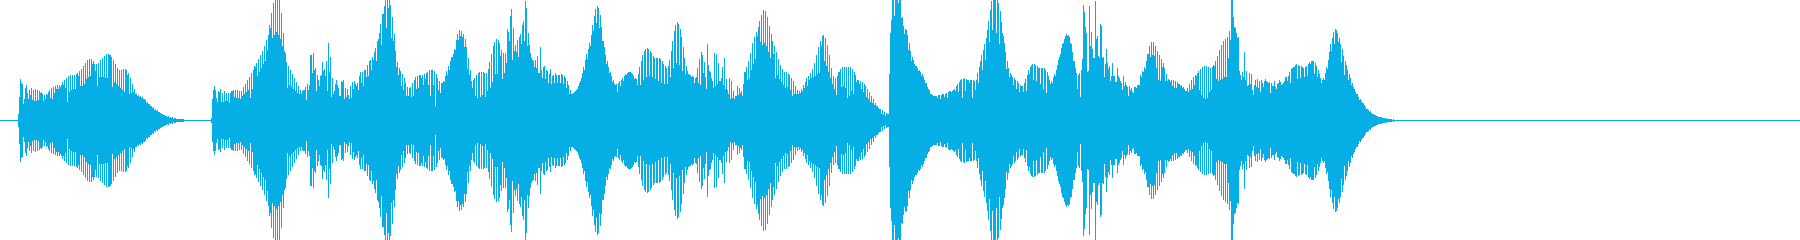 負けた時の残念な音03の再生済みの波形